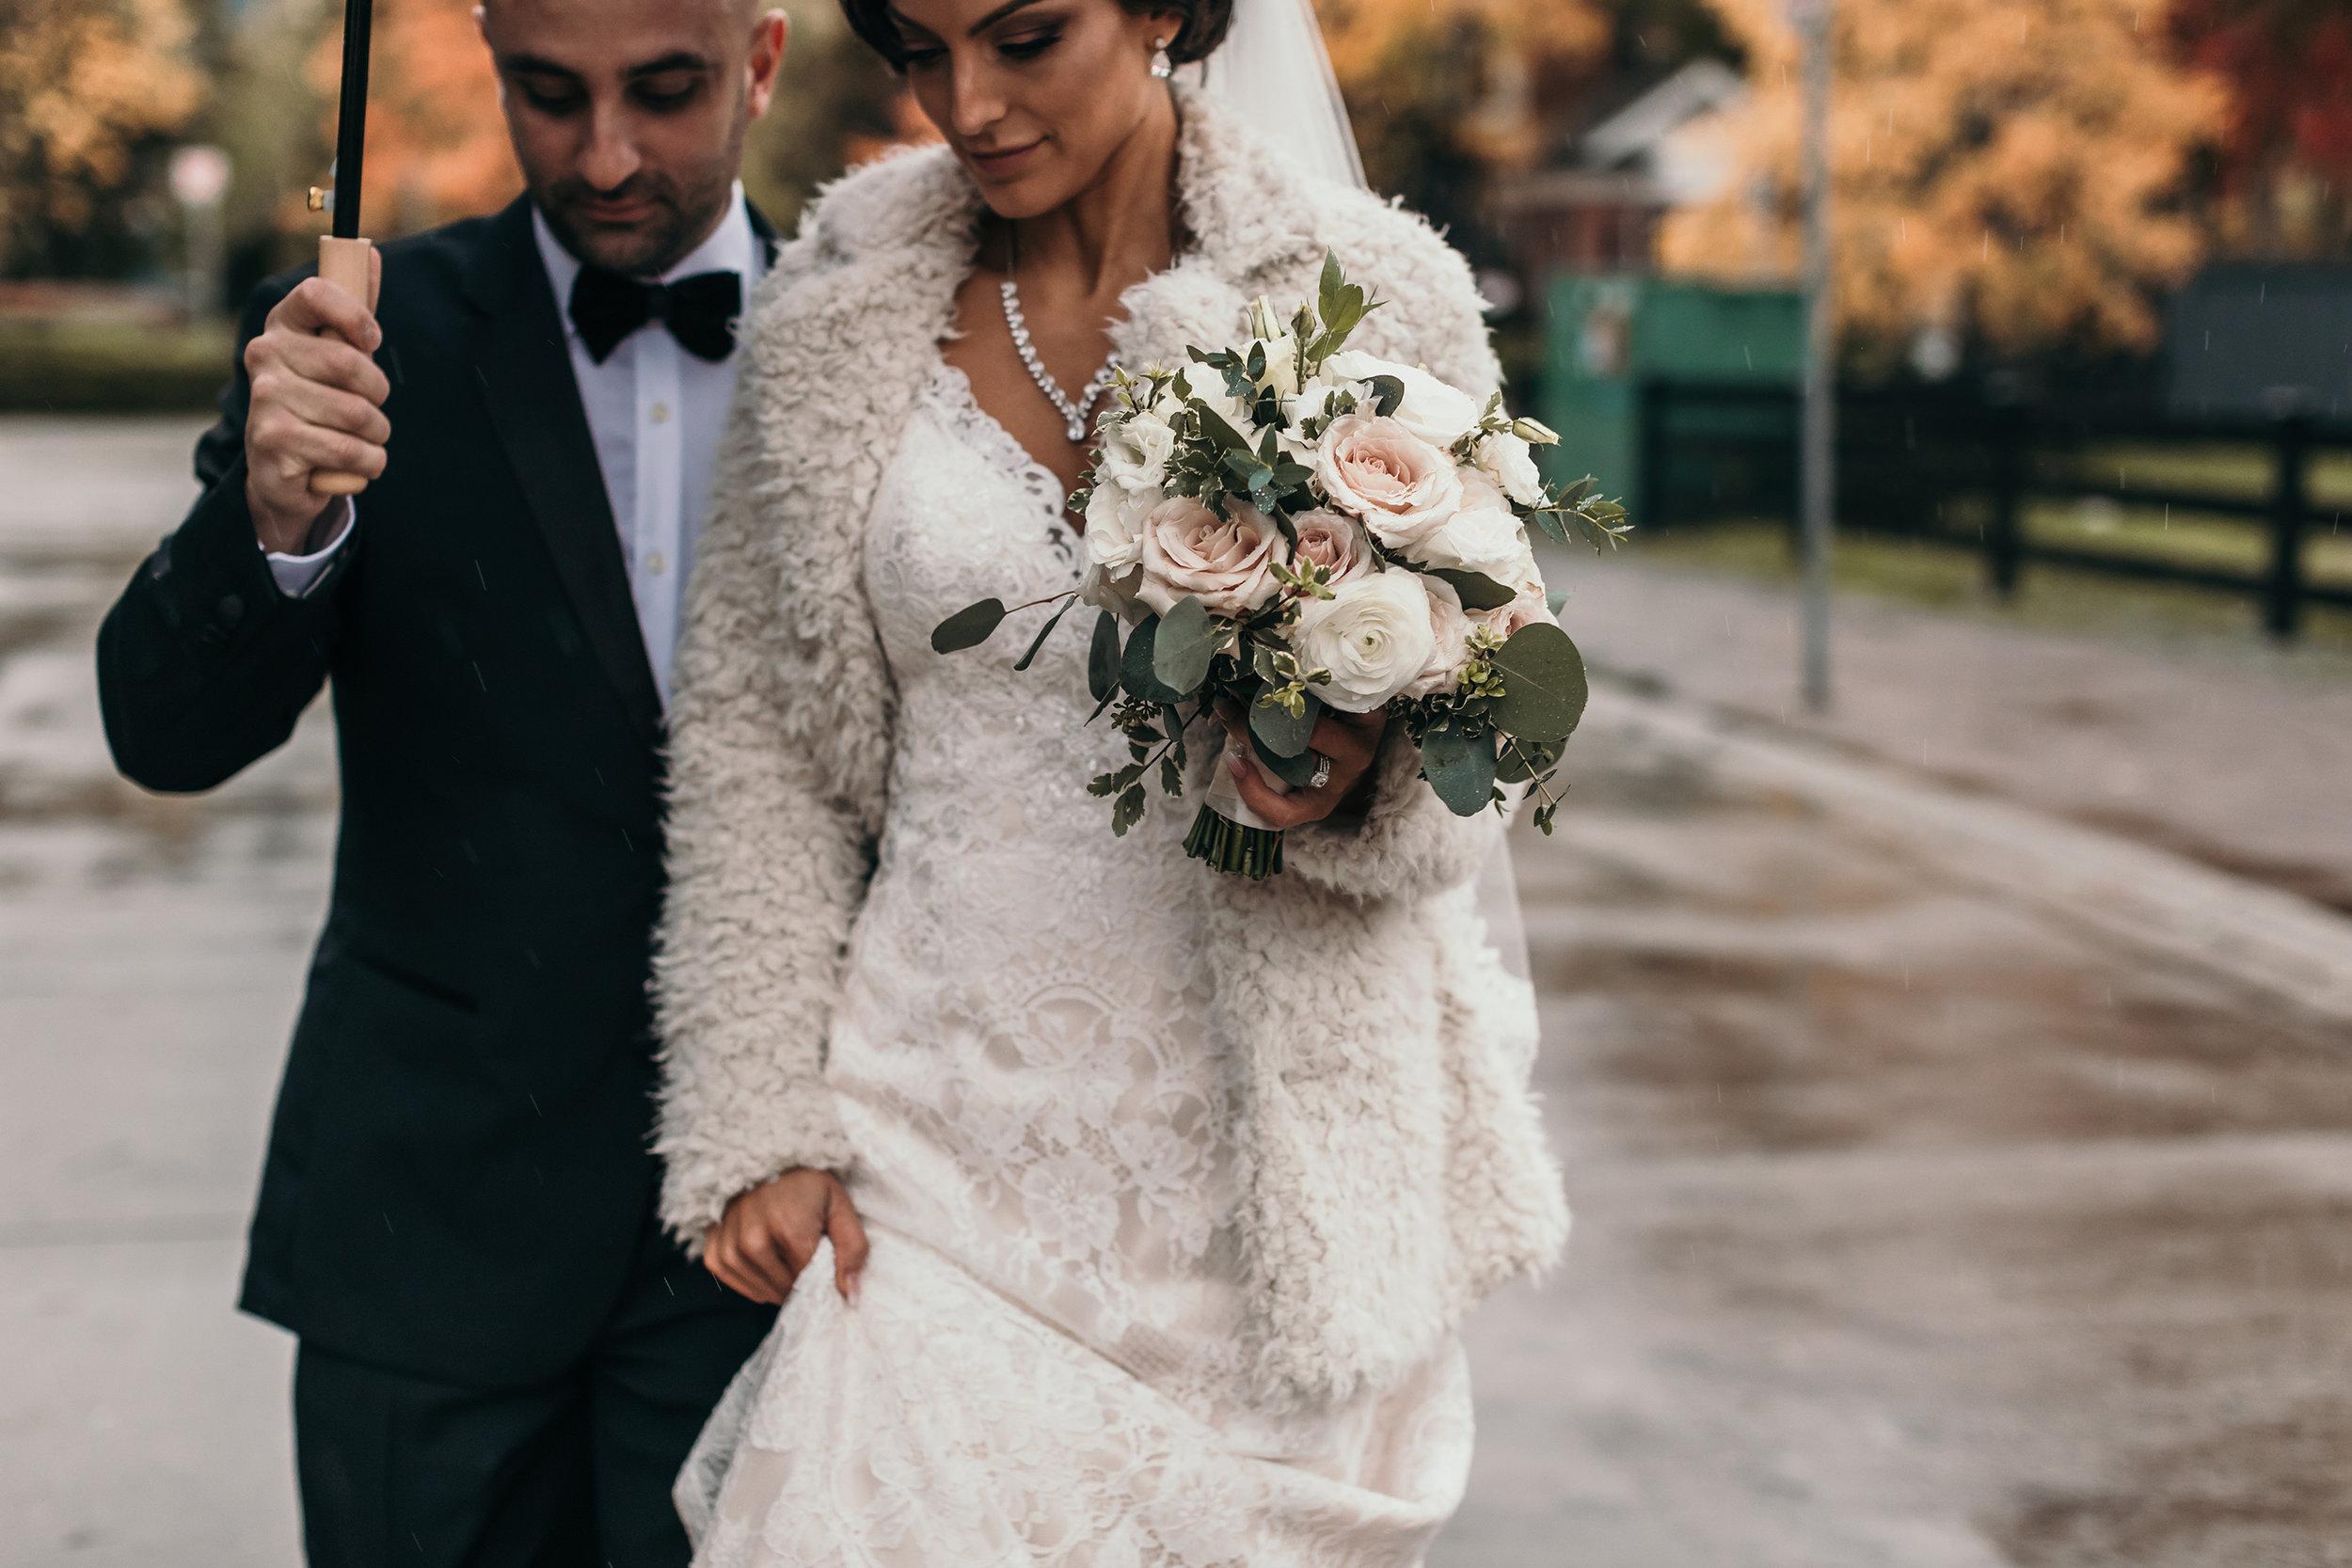 Pitt Meadows Wedding Photographer - Sky Hangar Wedding Photos - Vancouver Wedding Photographer & Videographer - Sunshine Coast Wedding Photos - Sunshine Coast Wedding Photographer - Jennifer Picard Photography - 1A5A2444.jpg